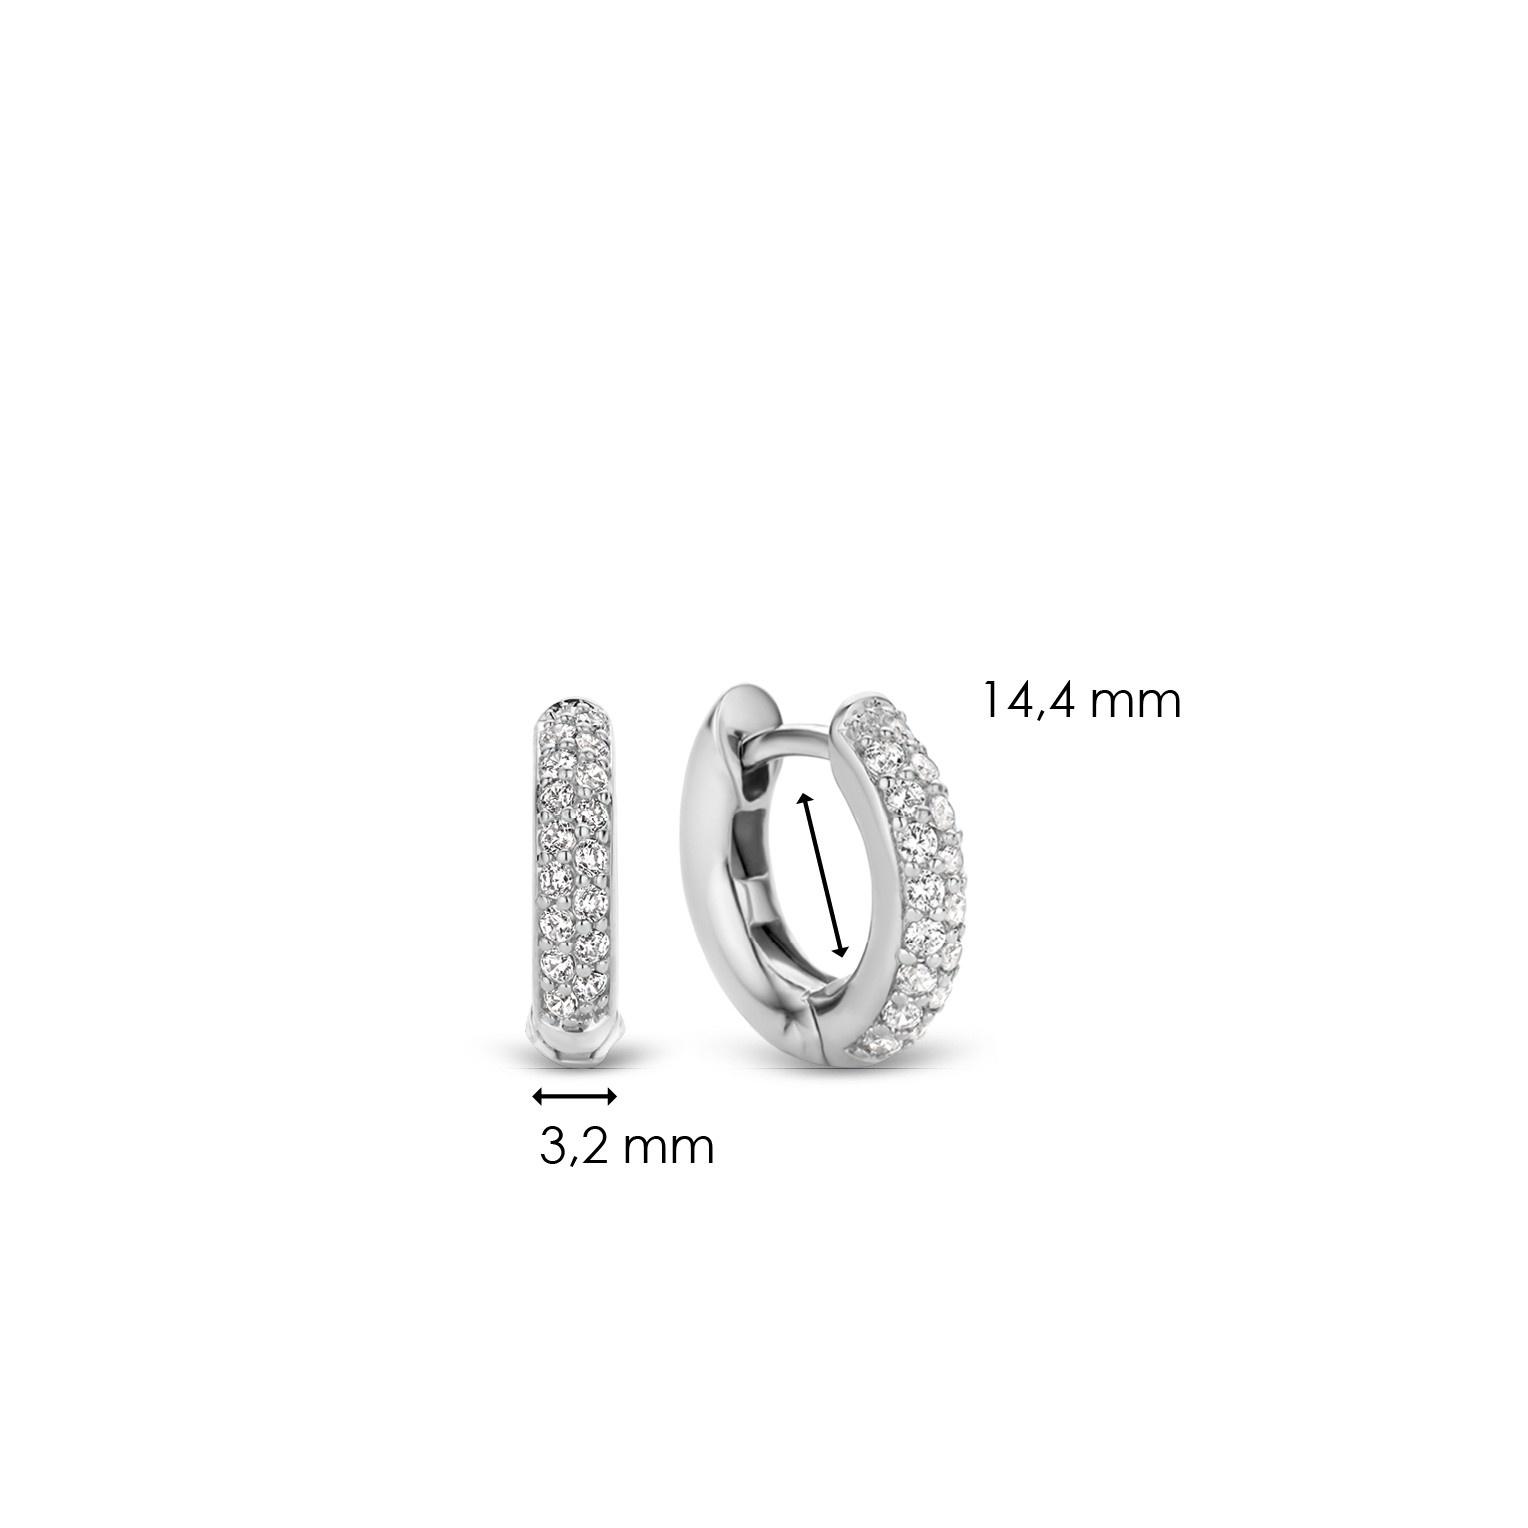 TI SENTO - Milano Earrings 7210ZI-4